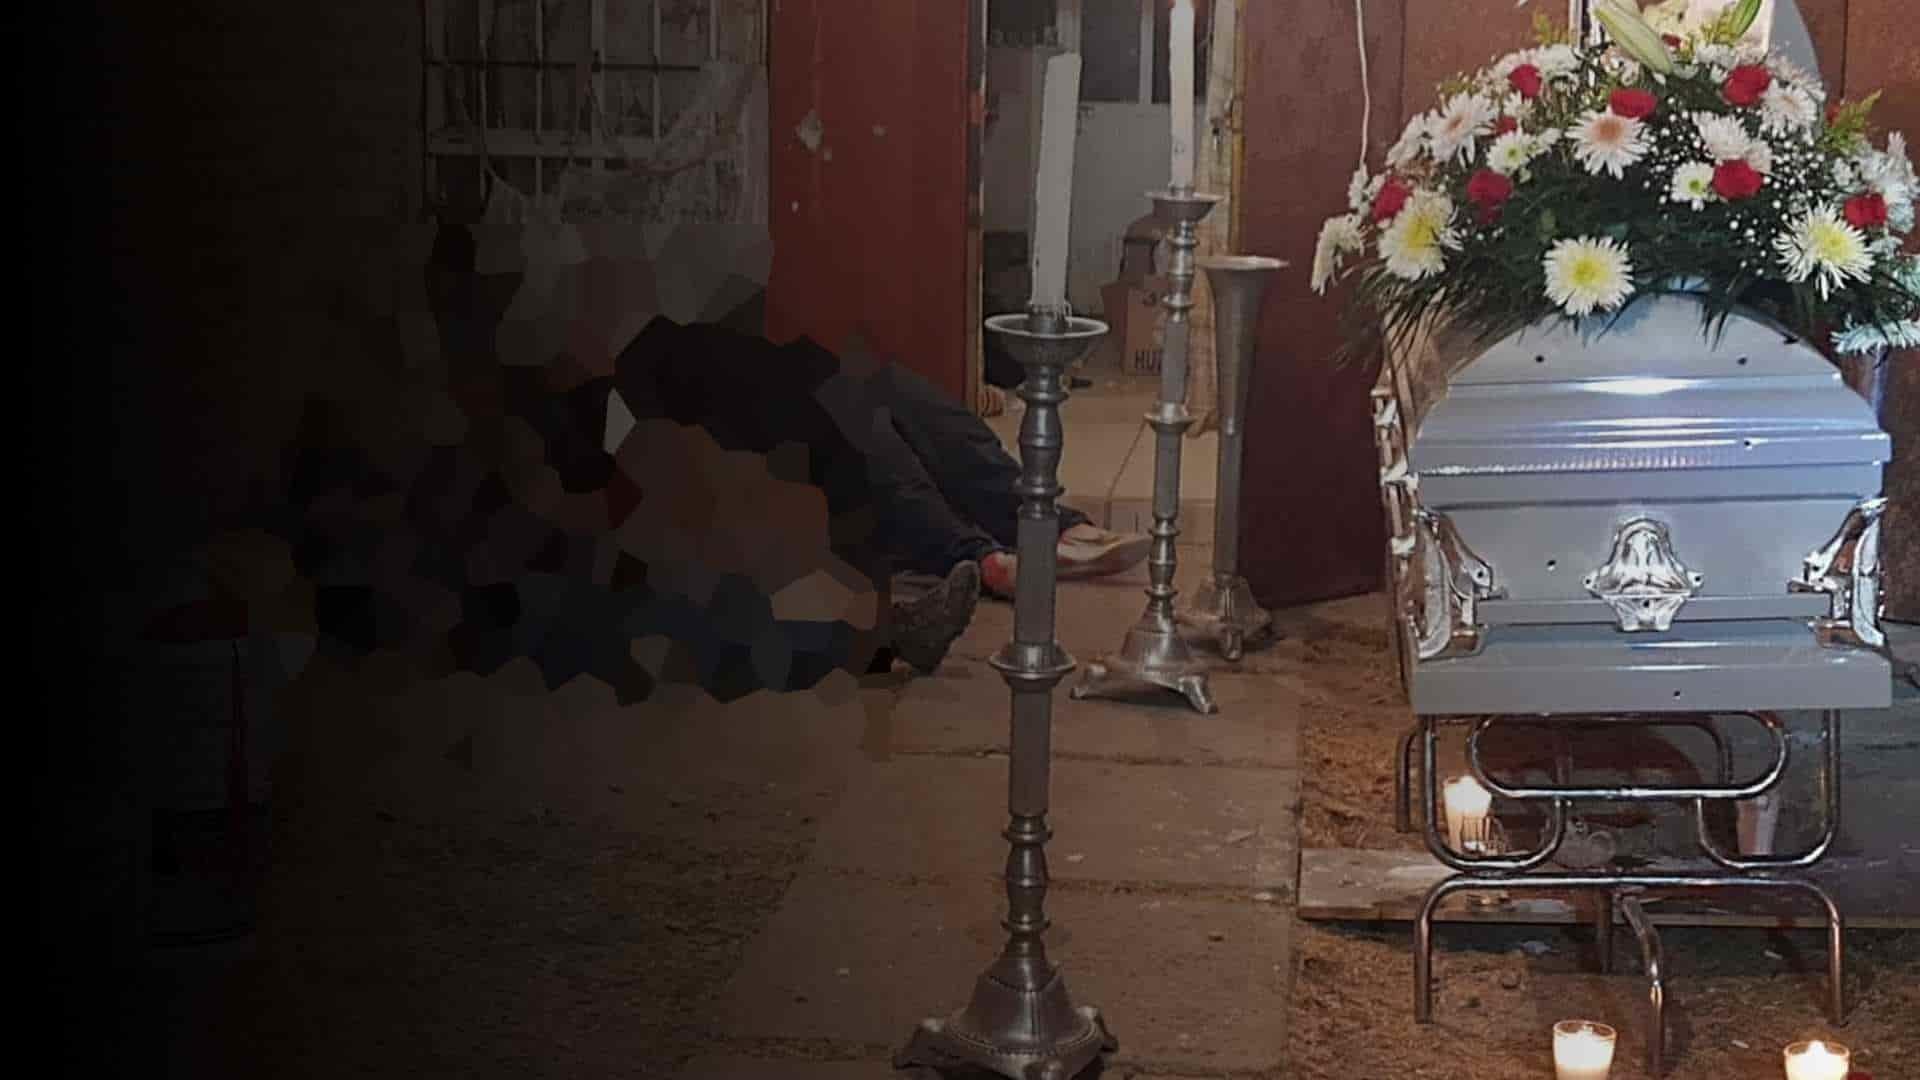 México: nueve personas asesinadas durante un velorio en Celaya, Guanajuato